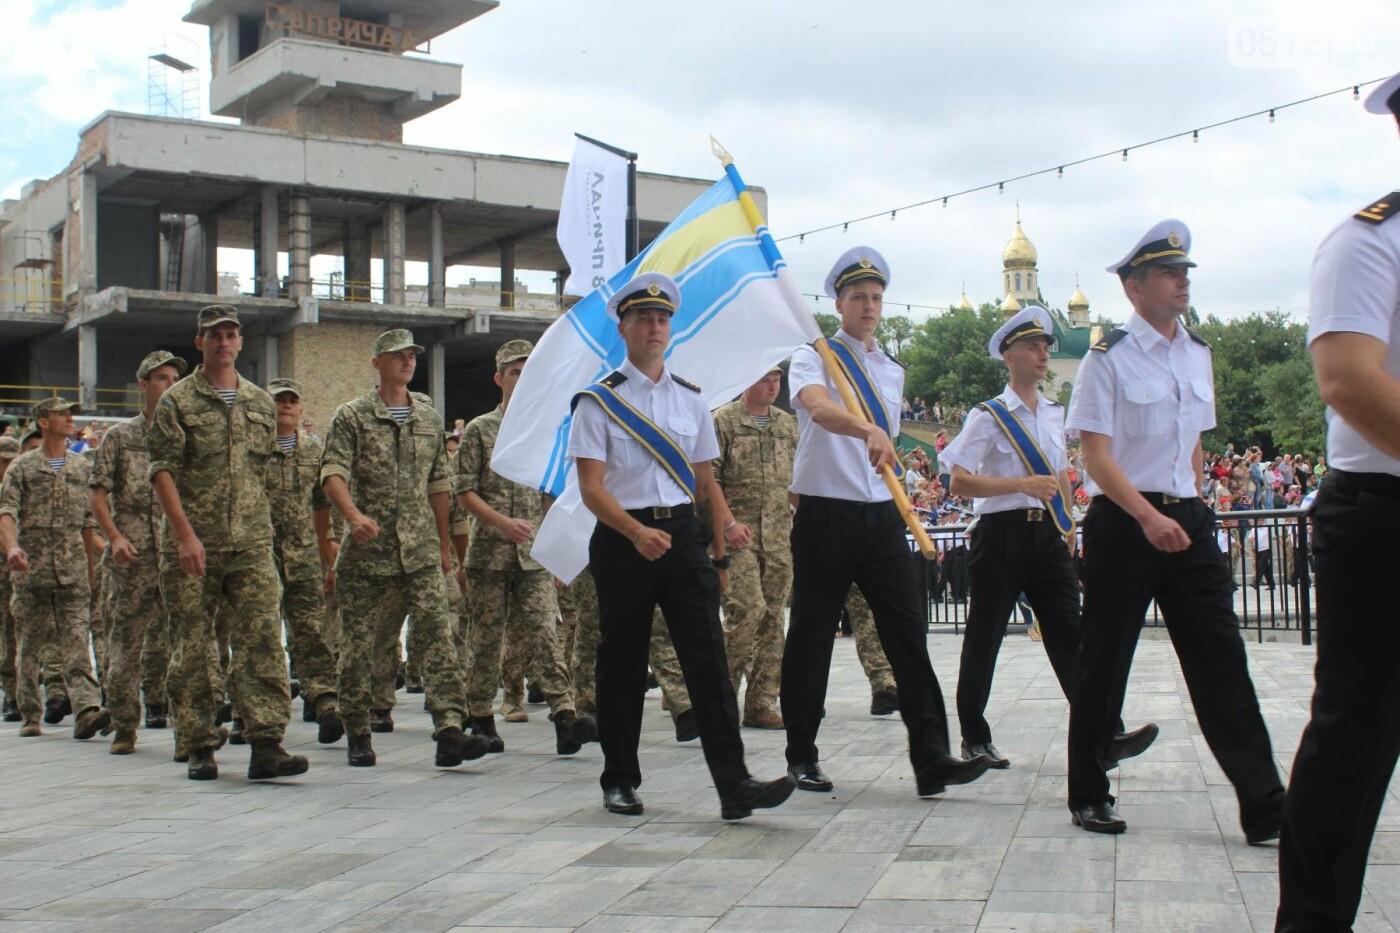 Полевая кухня, марш военных и выставка техники: как в Николаеве отмечали День ВМС Украины, фото-7